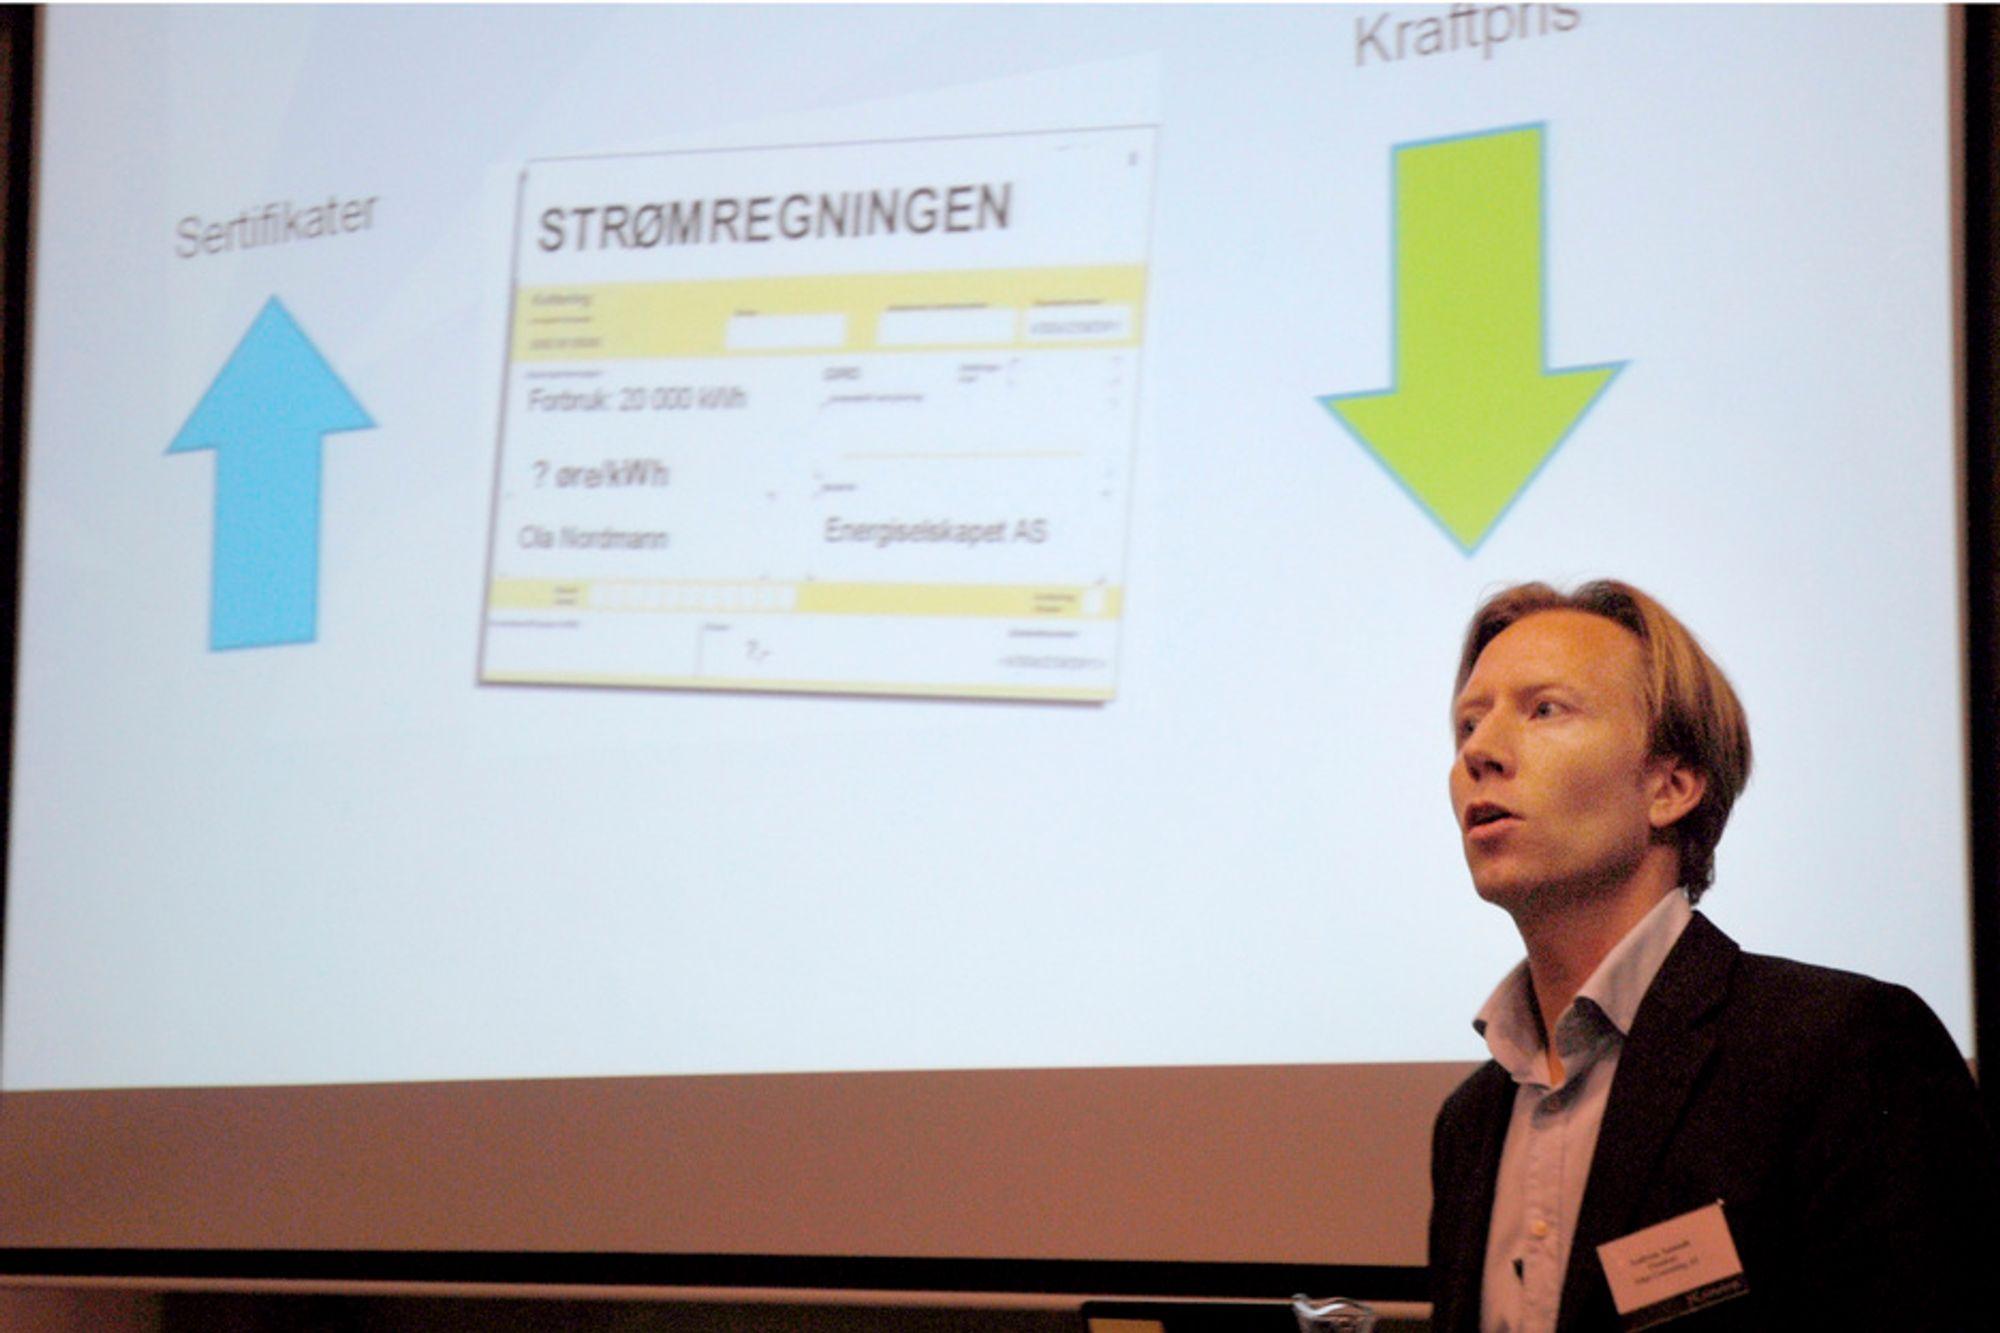 NEGATIVE KOMMENTARER: Enhver avgift møtes med forakt av forbrukerne og i nettdebattene er det utelukkende kritiske kommentarer til elsertifikatsystemet, ifølge Andreas Aamodt i Adapt Consulting.